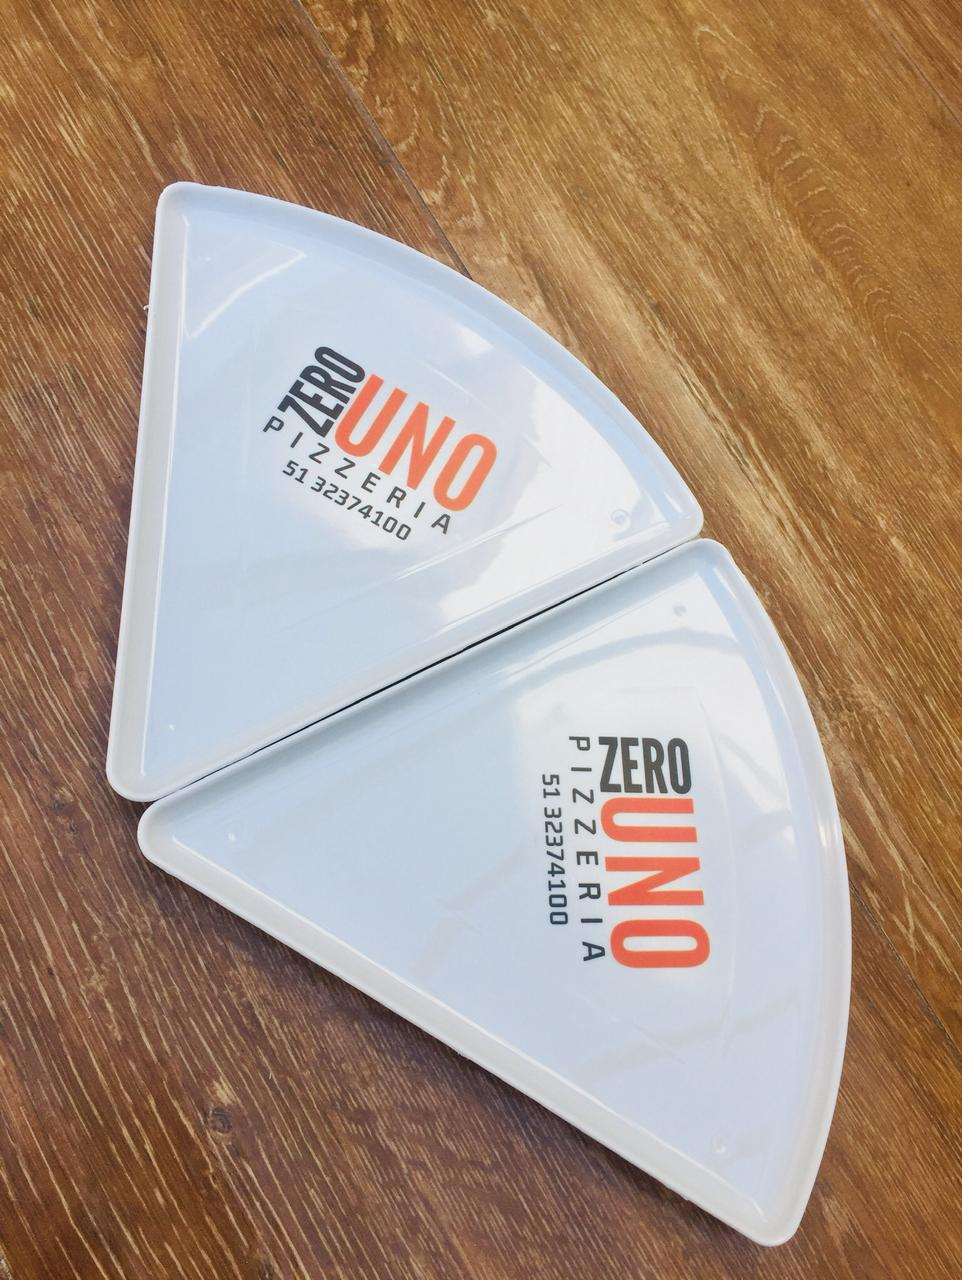 PRATO TRIANGULAR P/ PEDAÇO DE PIZZA, FESTAS, EVENTOS, COMEMORAÇÕES, ETC.  - FÓRUM DE PIZZAS